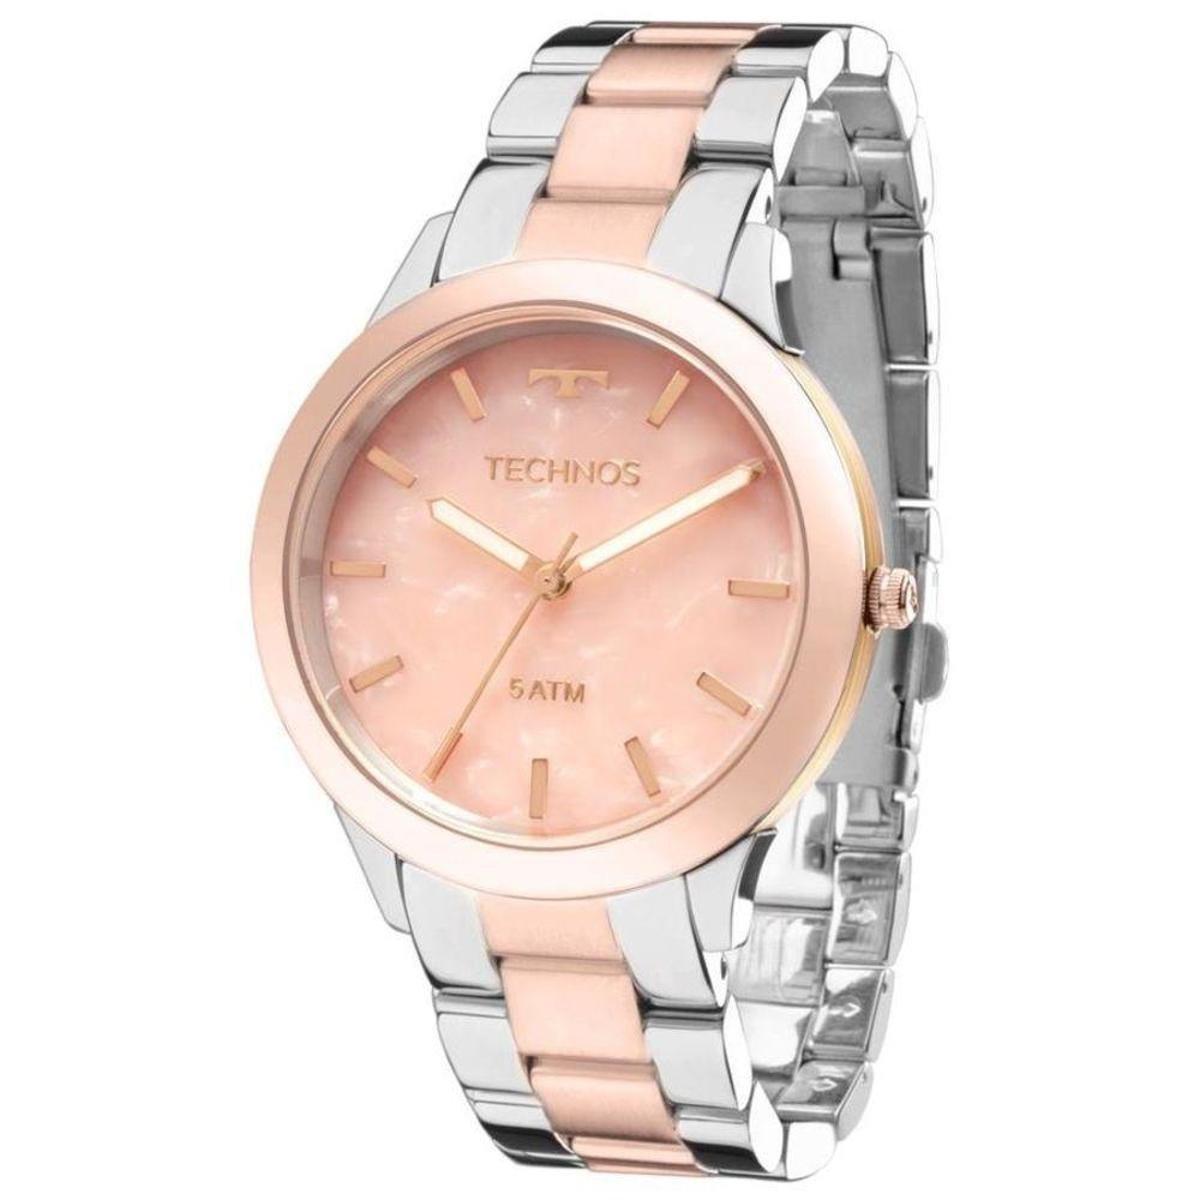 Relógio Feminino Technos Unique - Compre Agora   Zattini 334ccb4cb8